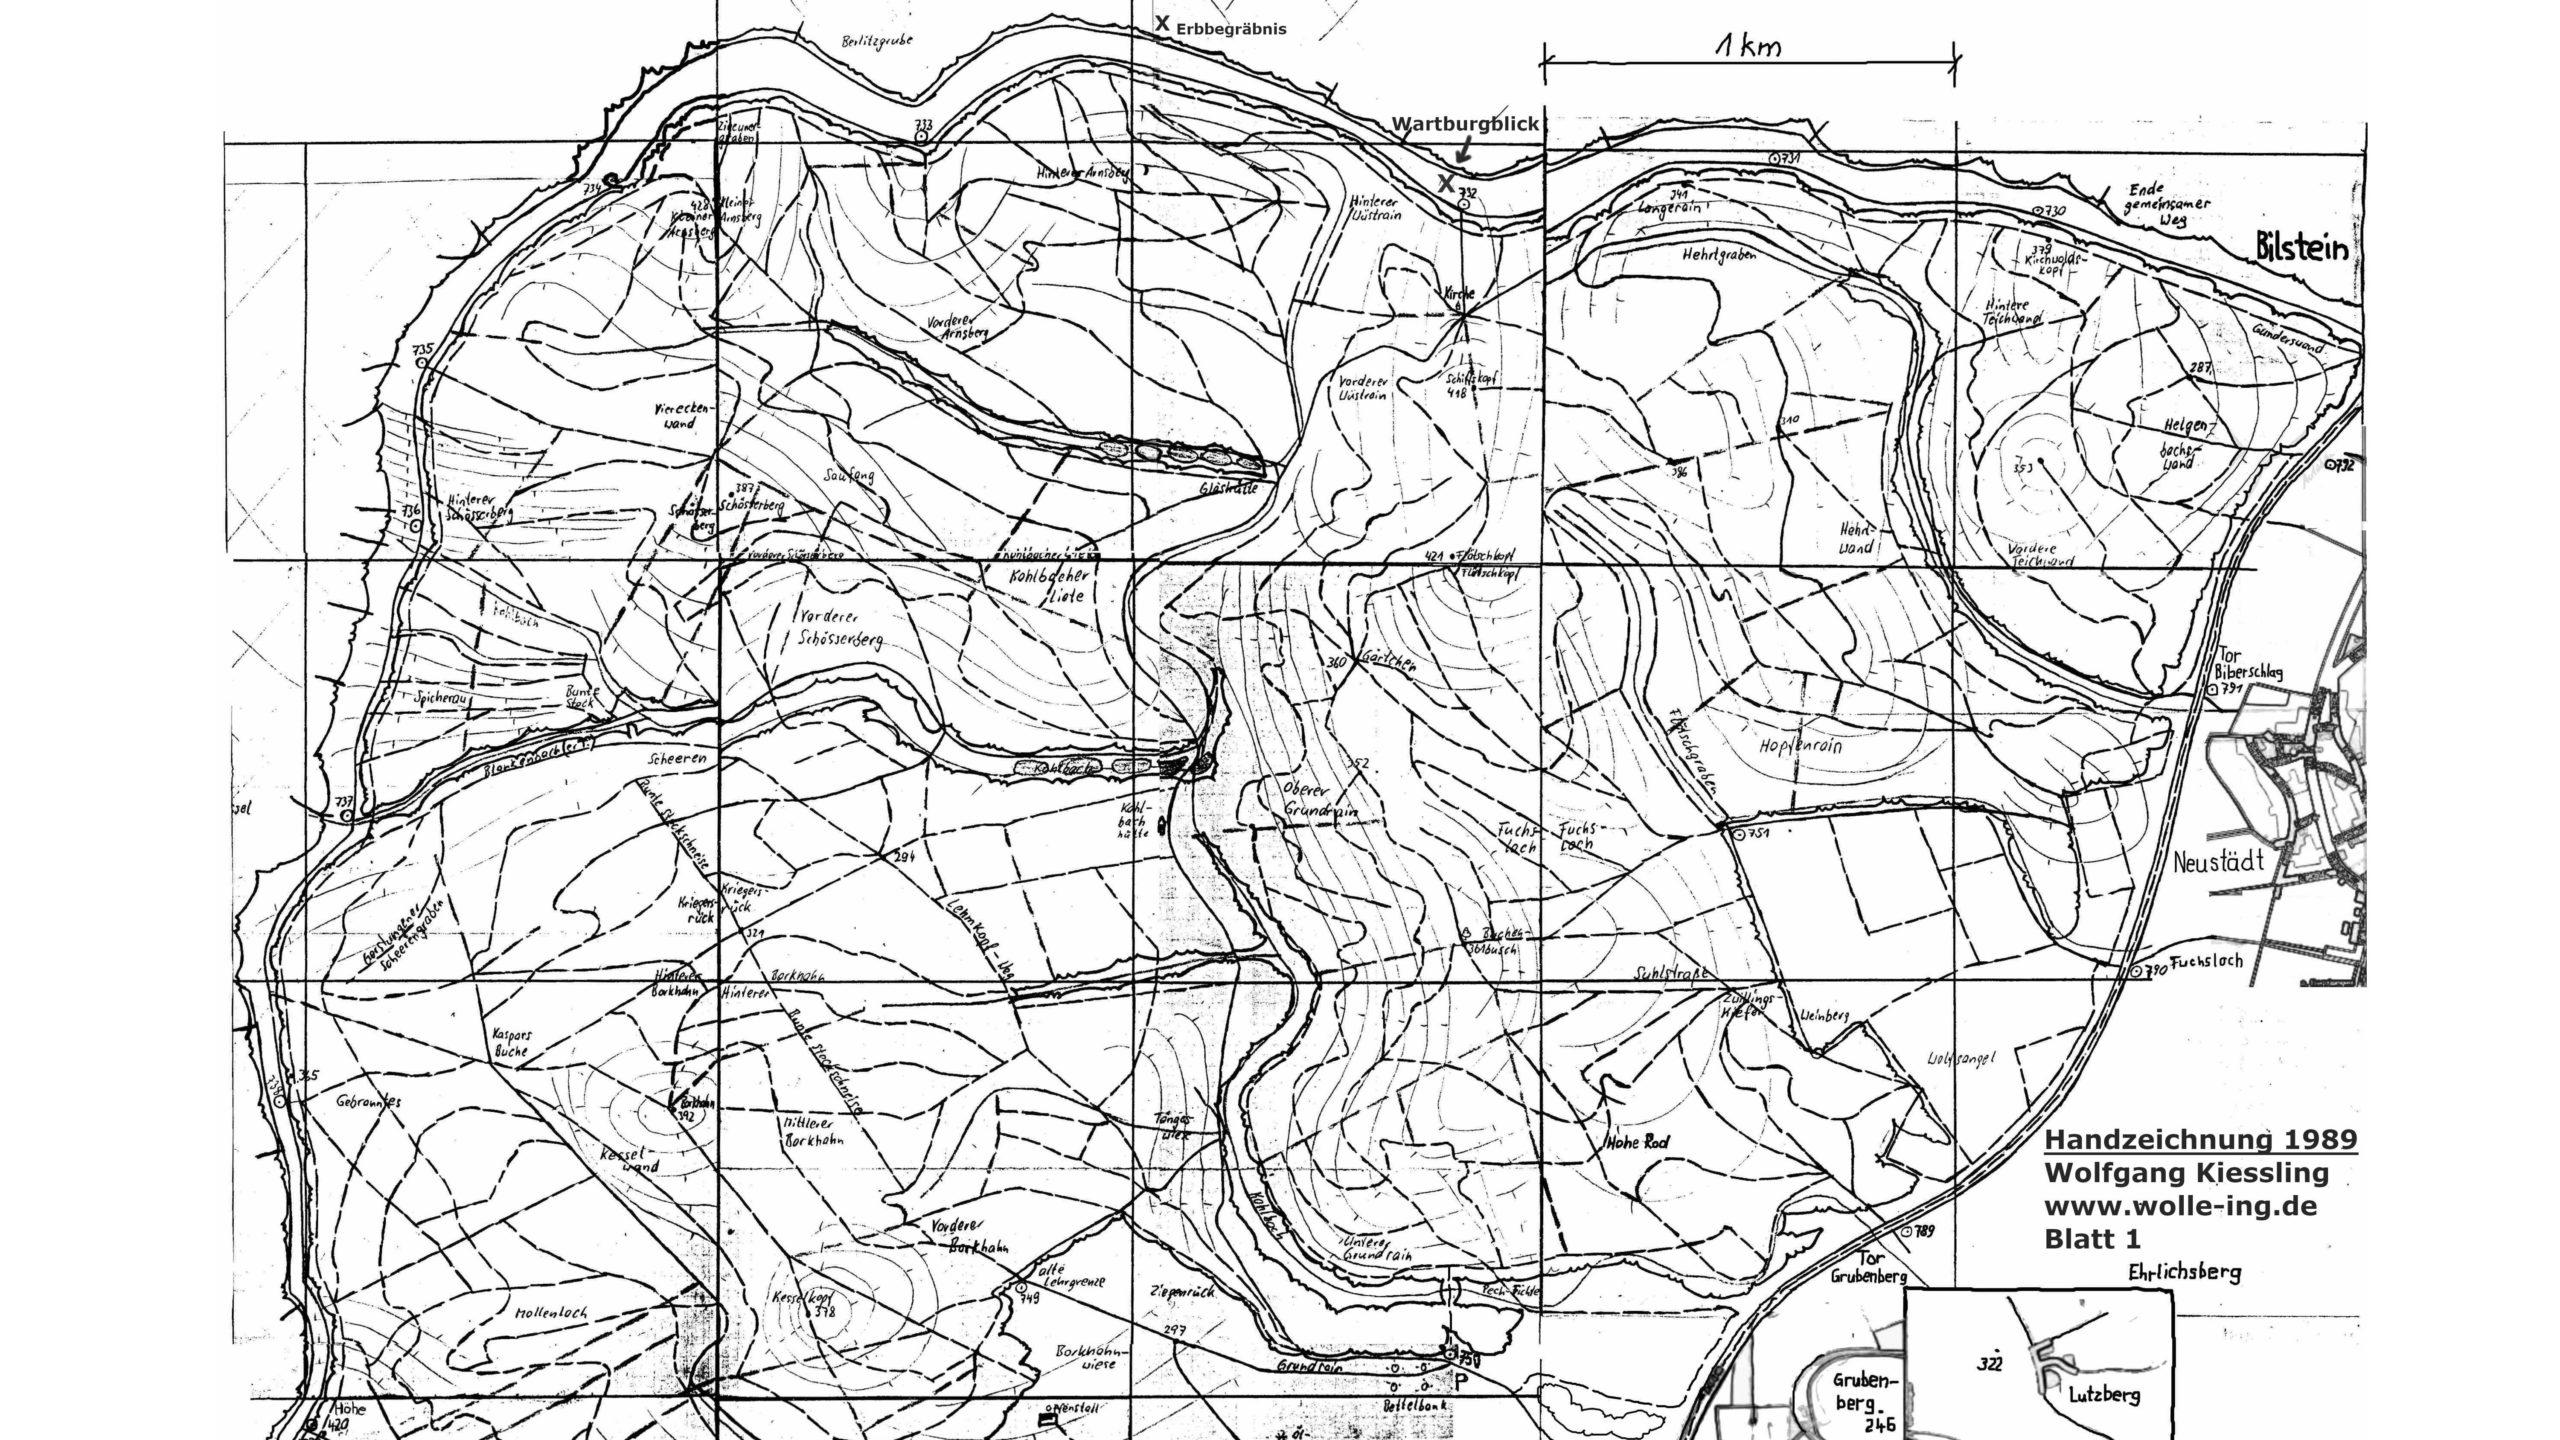 Grenzweg Gerstunger Forst, Karte Gerstunger Forst Blatt 1 (Handzeichnung)